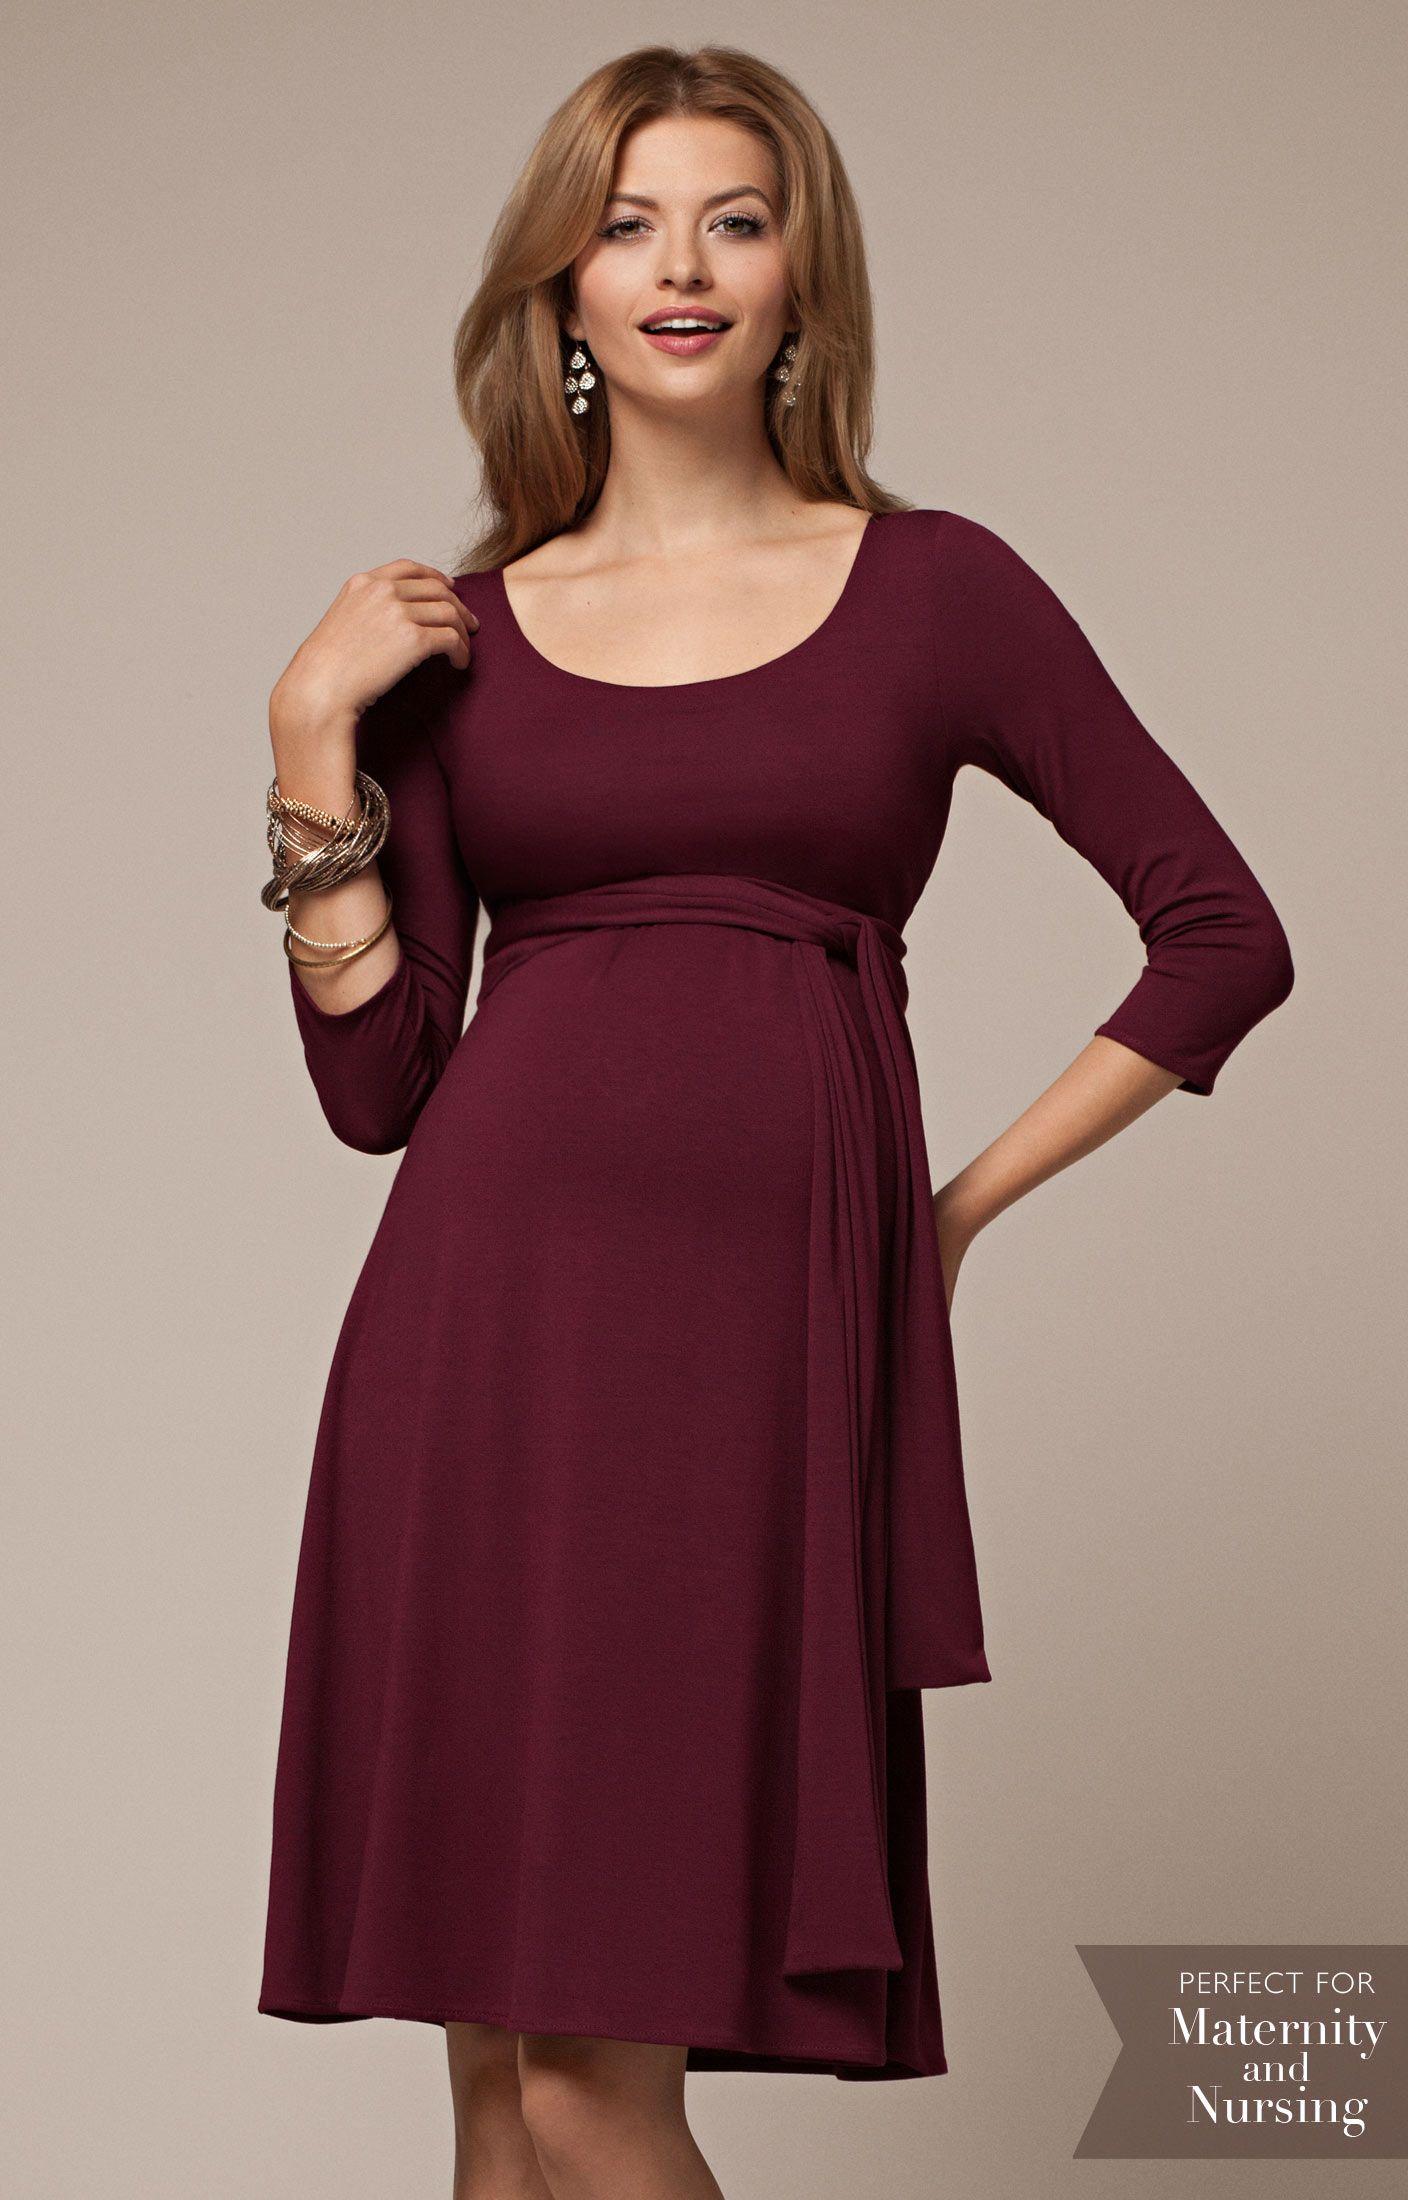 c8015da6ac8 Nursing maternity dress. I love how this unwraps!!! Secret awesome.